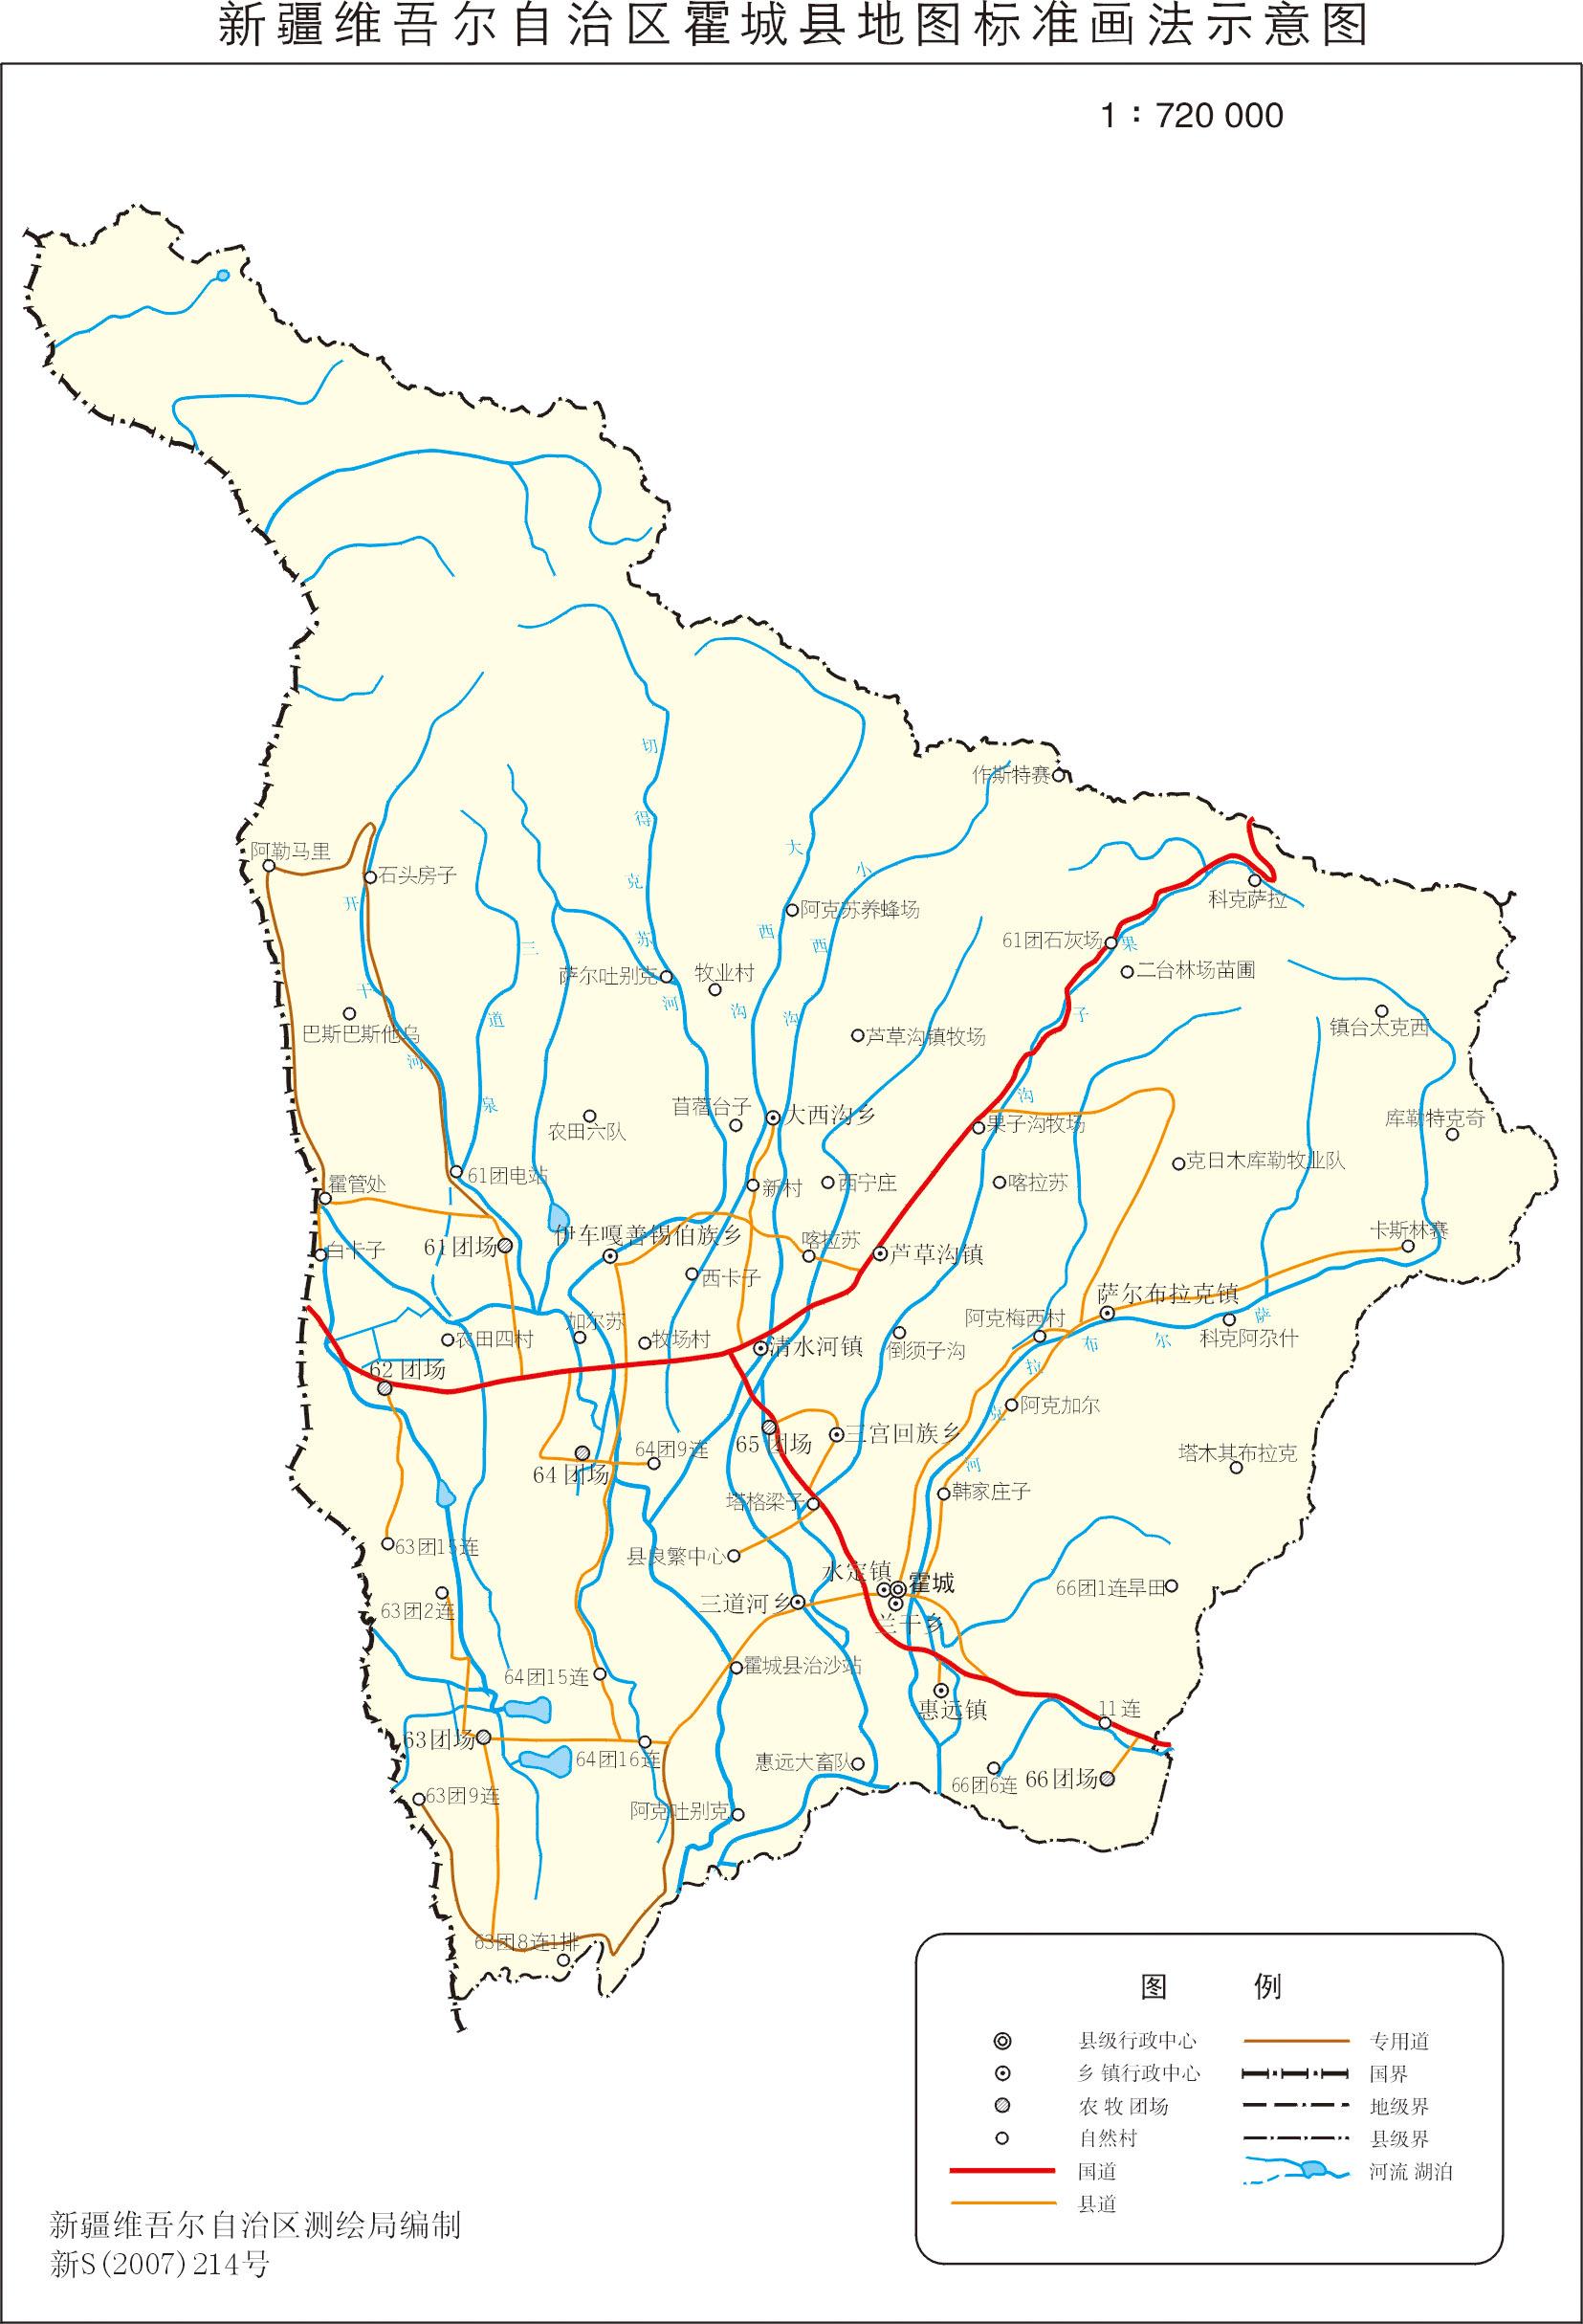 伊犁霍城县电子地图,伊犁霍城县行政地图全图,高清版大图